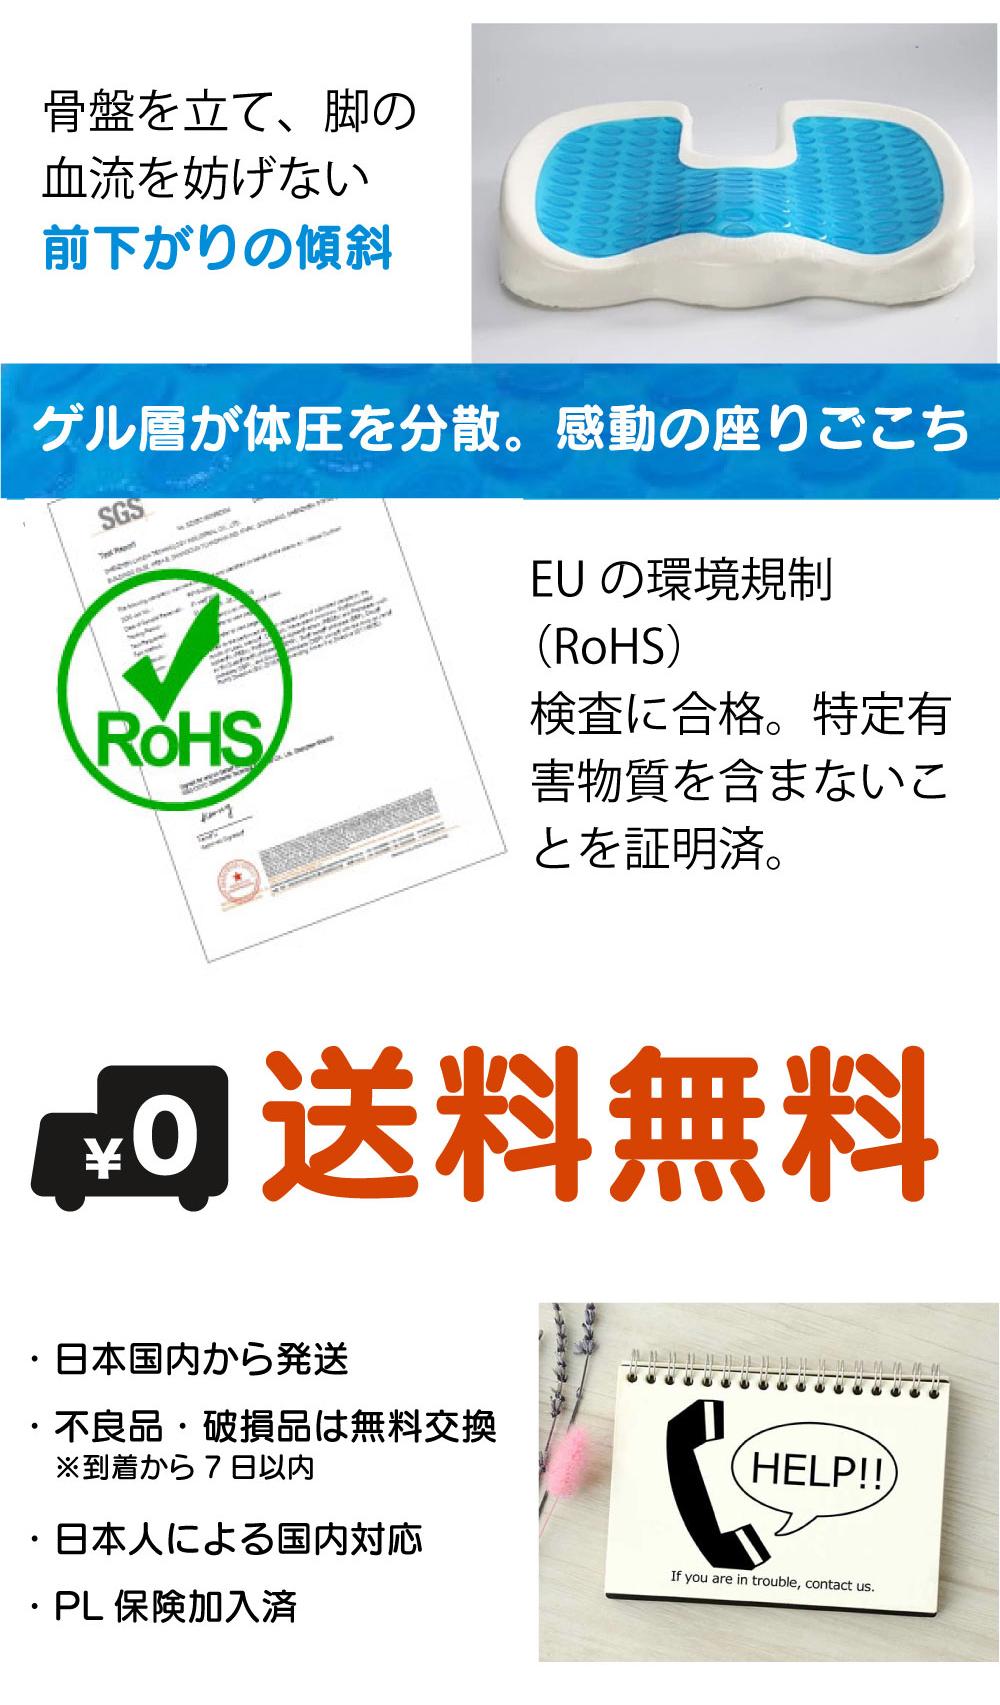 前下がり形状が骨盤を立ててくれる骨盤矯正クッション。RoHS取得、送料無料、日本人による国内発送、サポート付きです